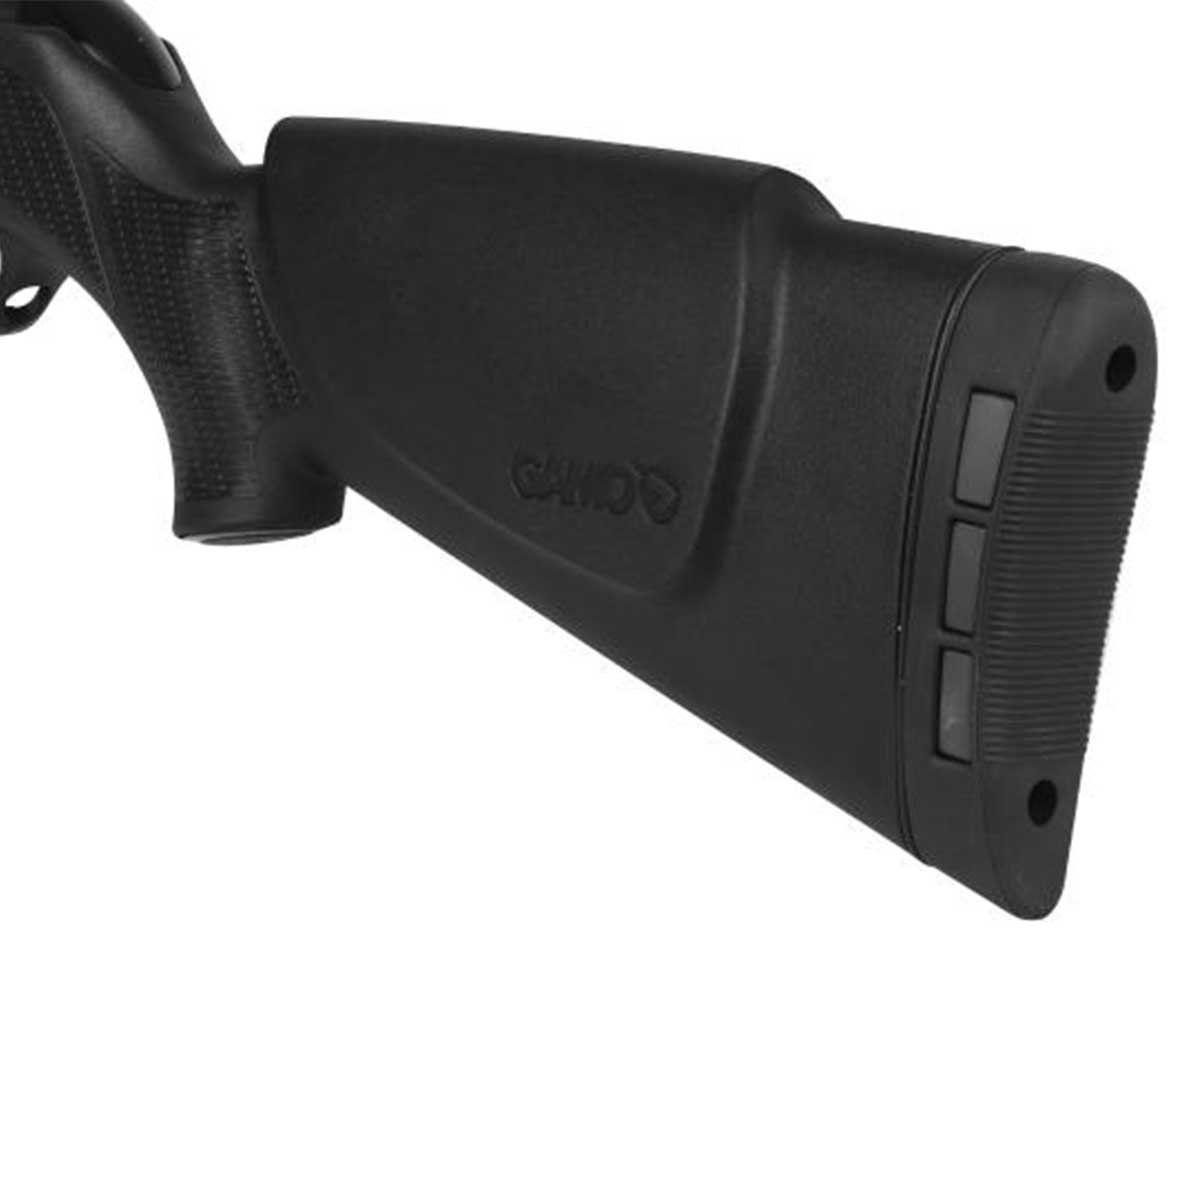 Carabina de Pressão Gamo CFX IGT 5,5mm